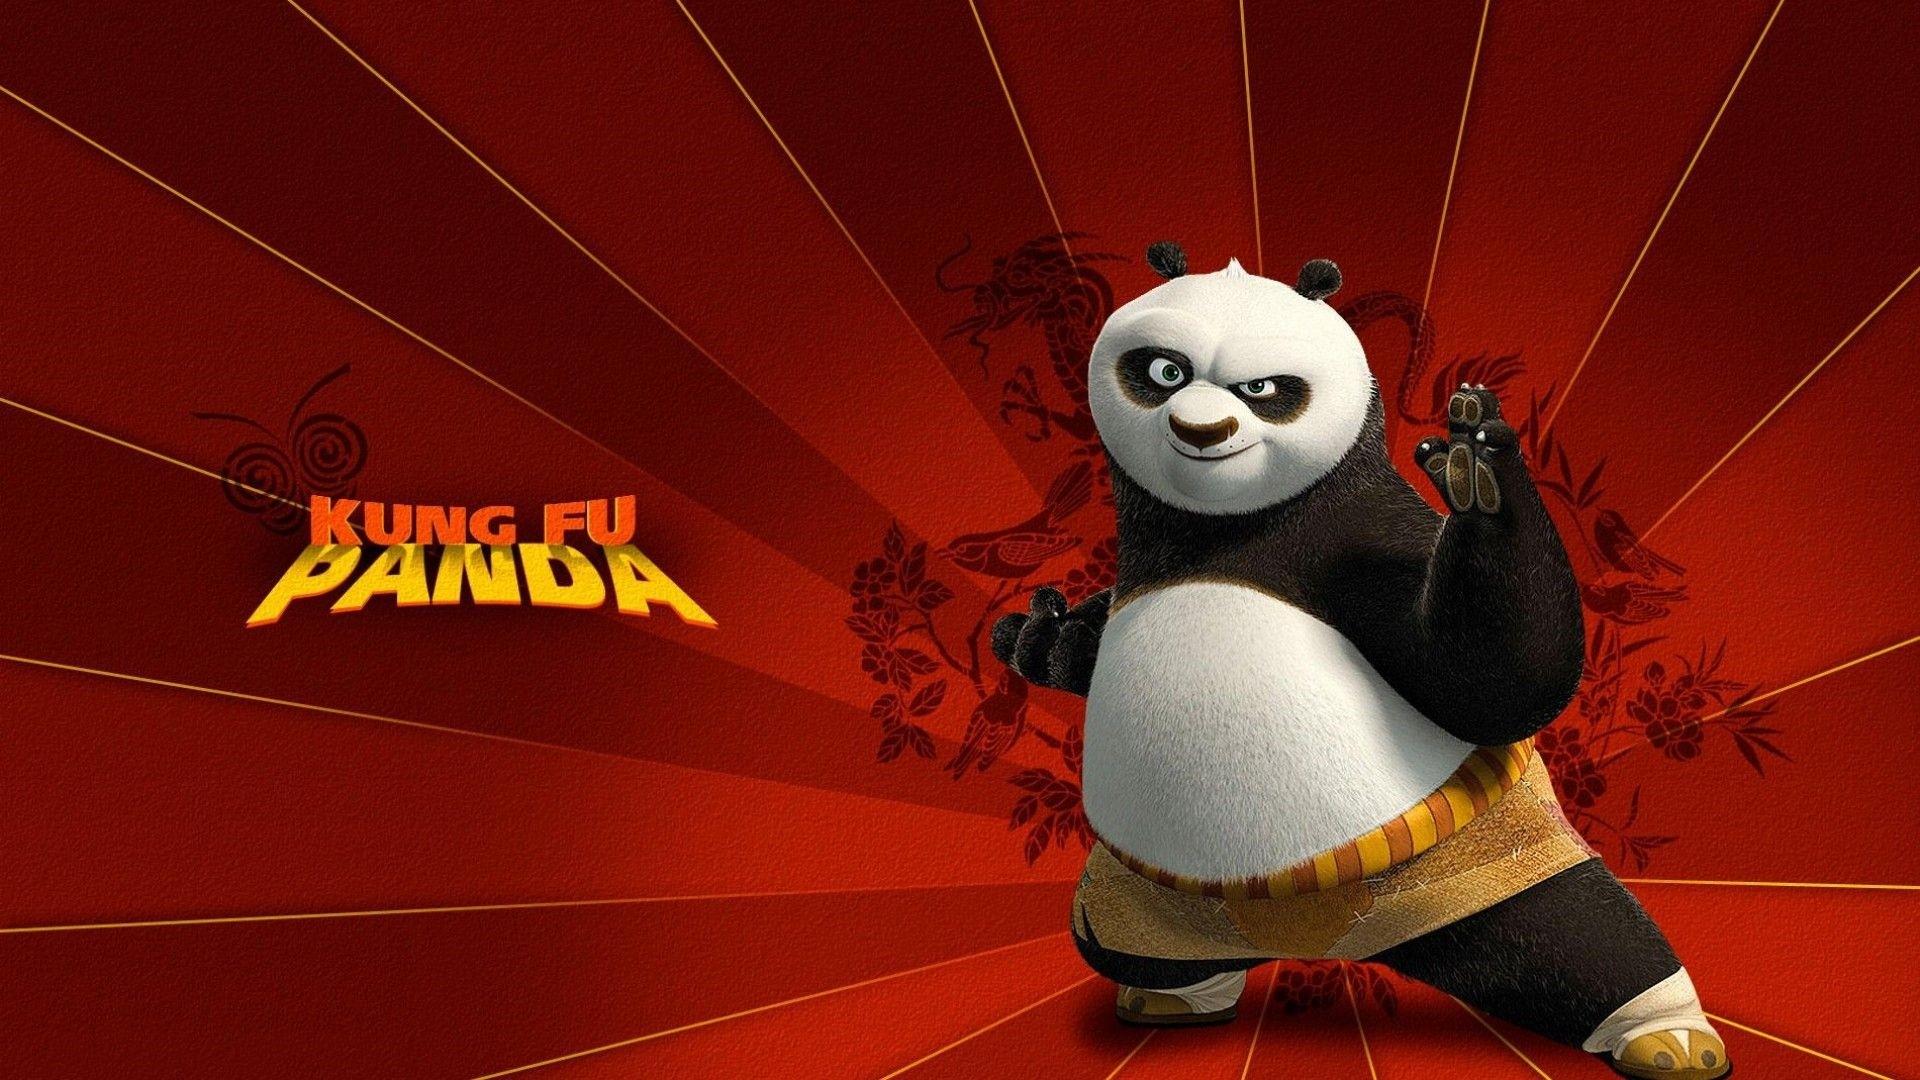 Kung Fu Panda Background Wallpaper